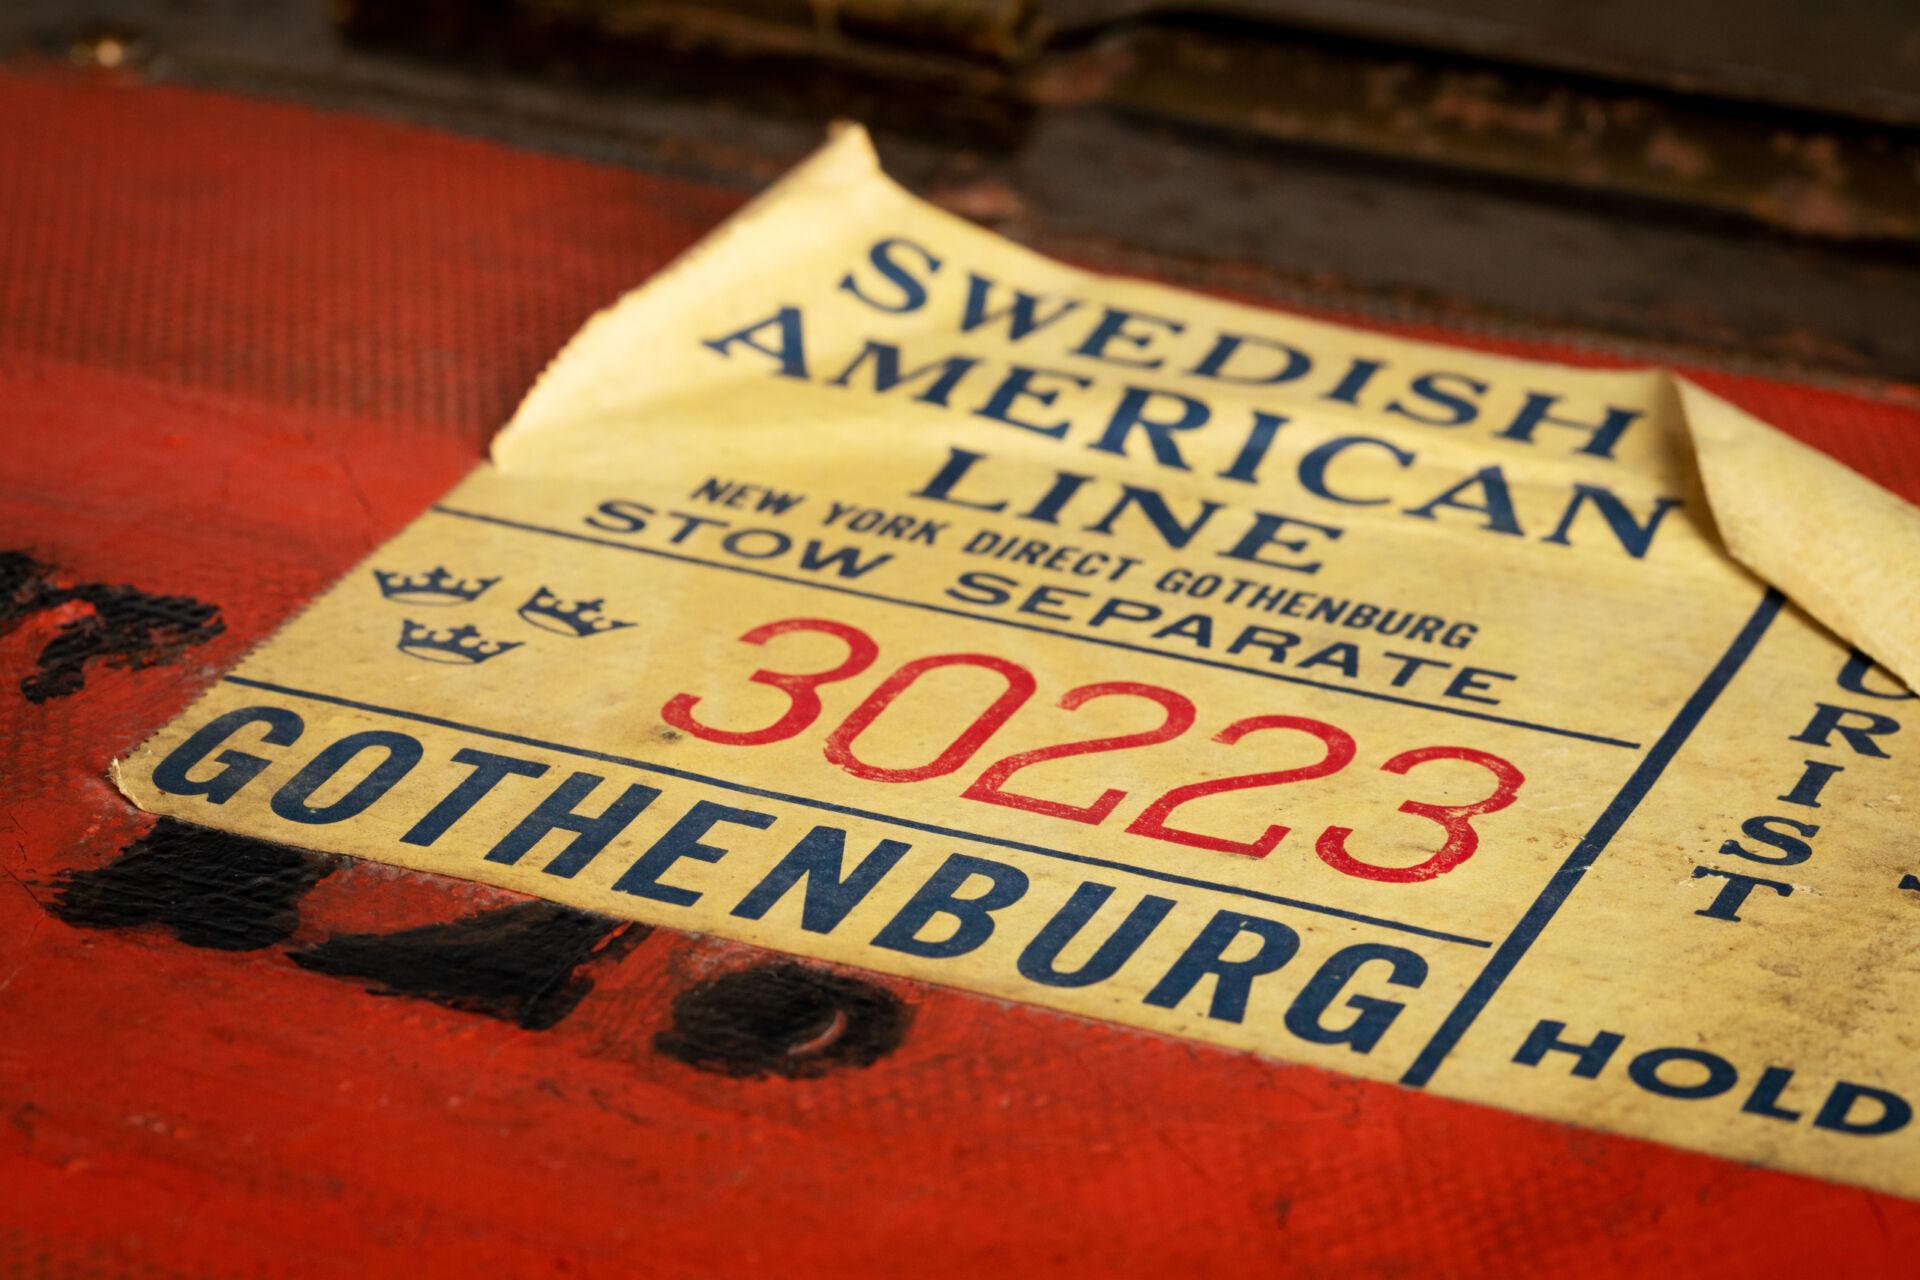 Närbild på en klisterlapp där det står Swedish American Line - svenska amerikalinjen